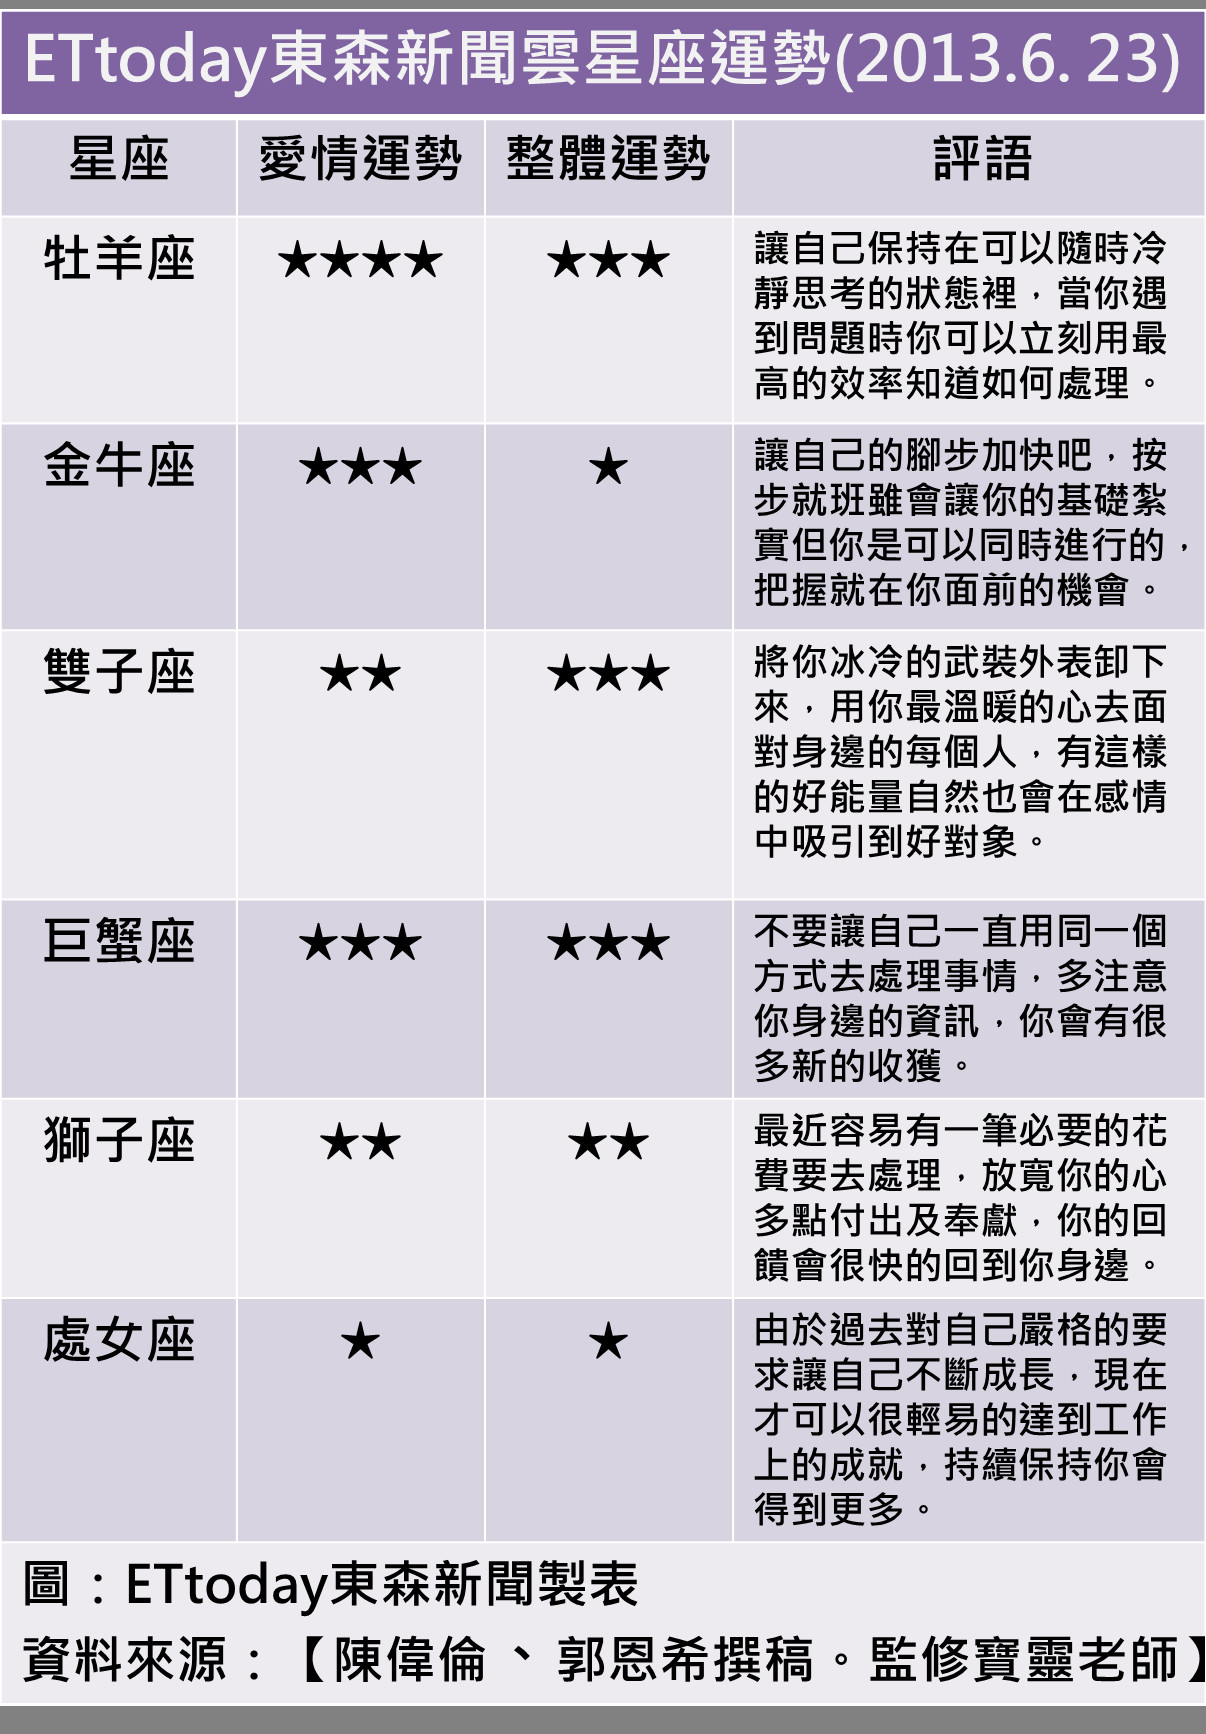 新聞 運勢 日 中